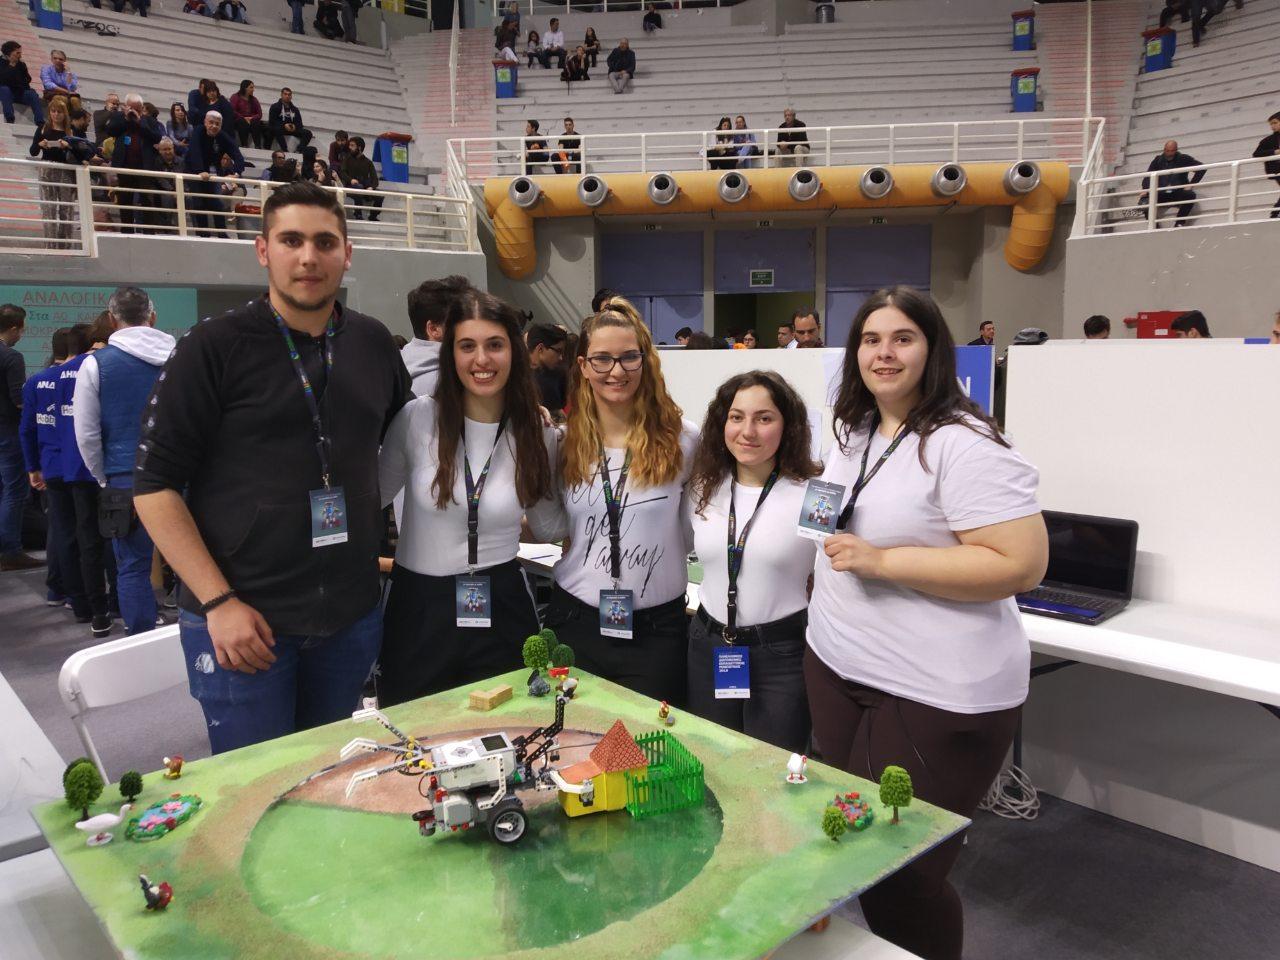 Νέα διάκριση για την Ομάδα Εκπαιδευτικής Ρομποτικής  του ΕΠΑ.Λ Βελεστίνου